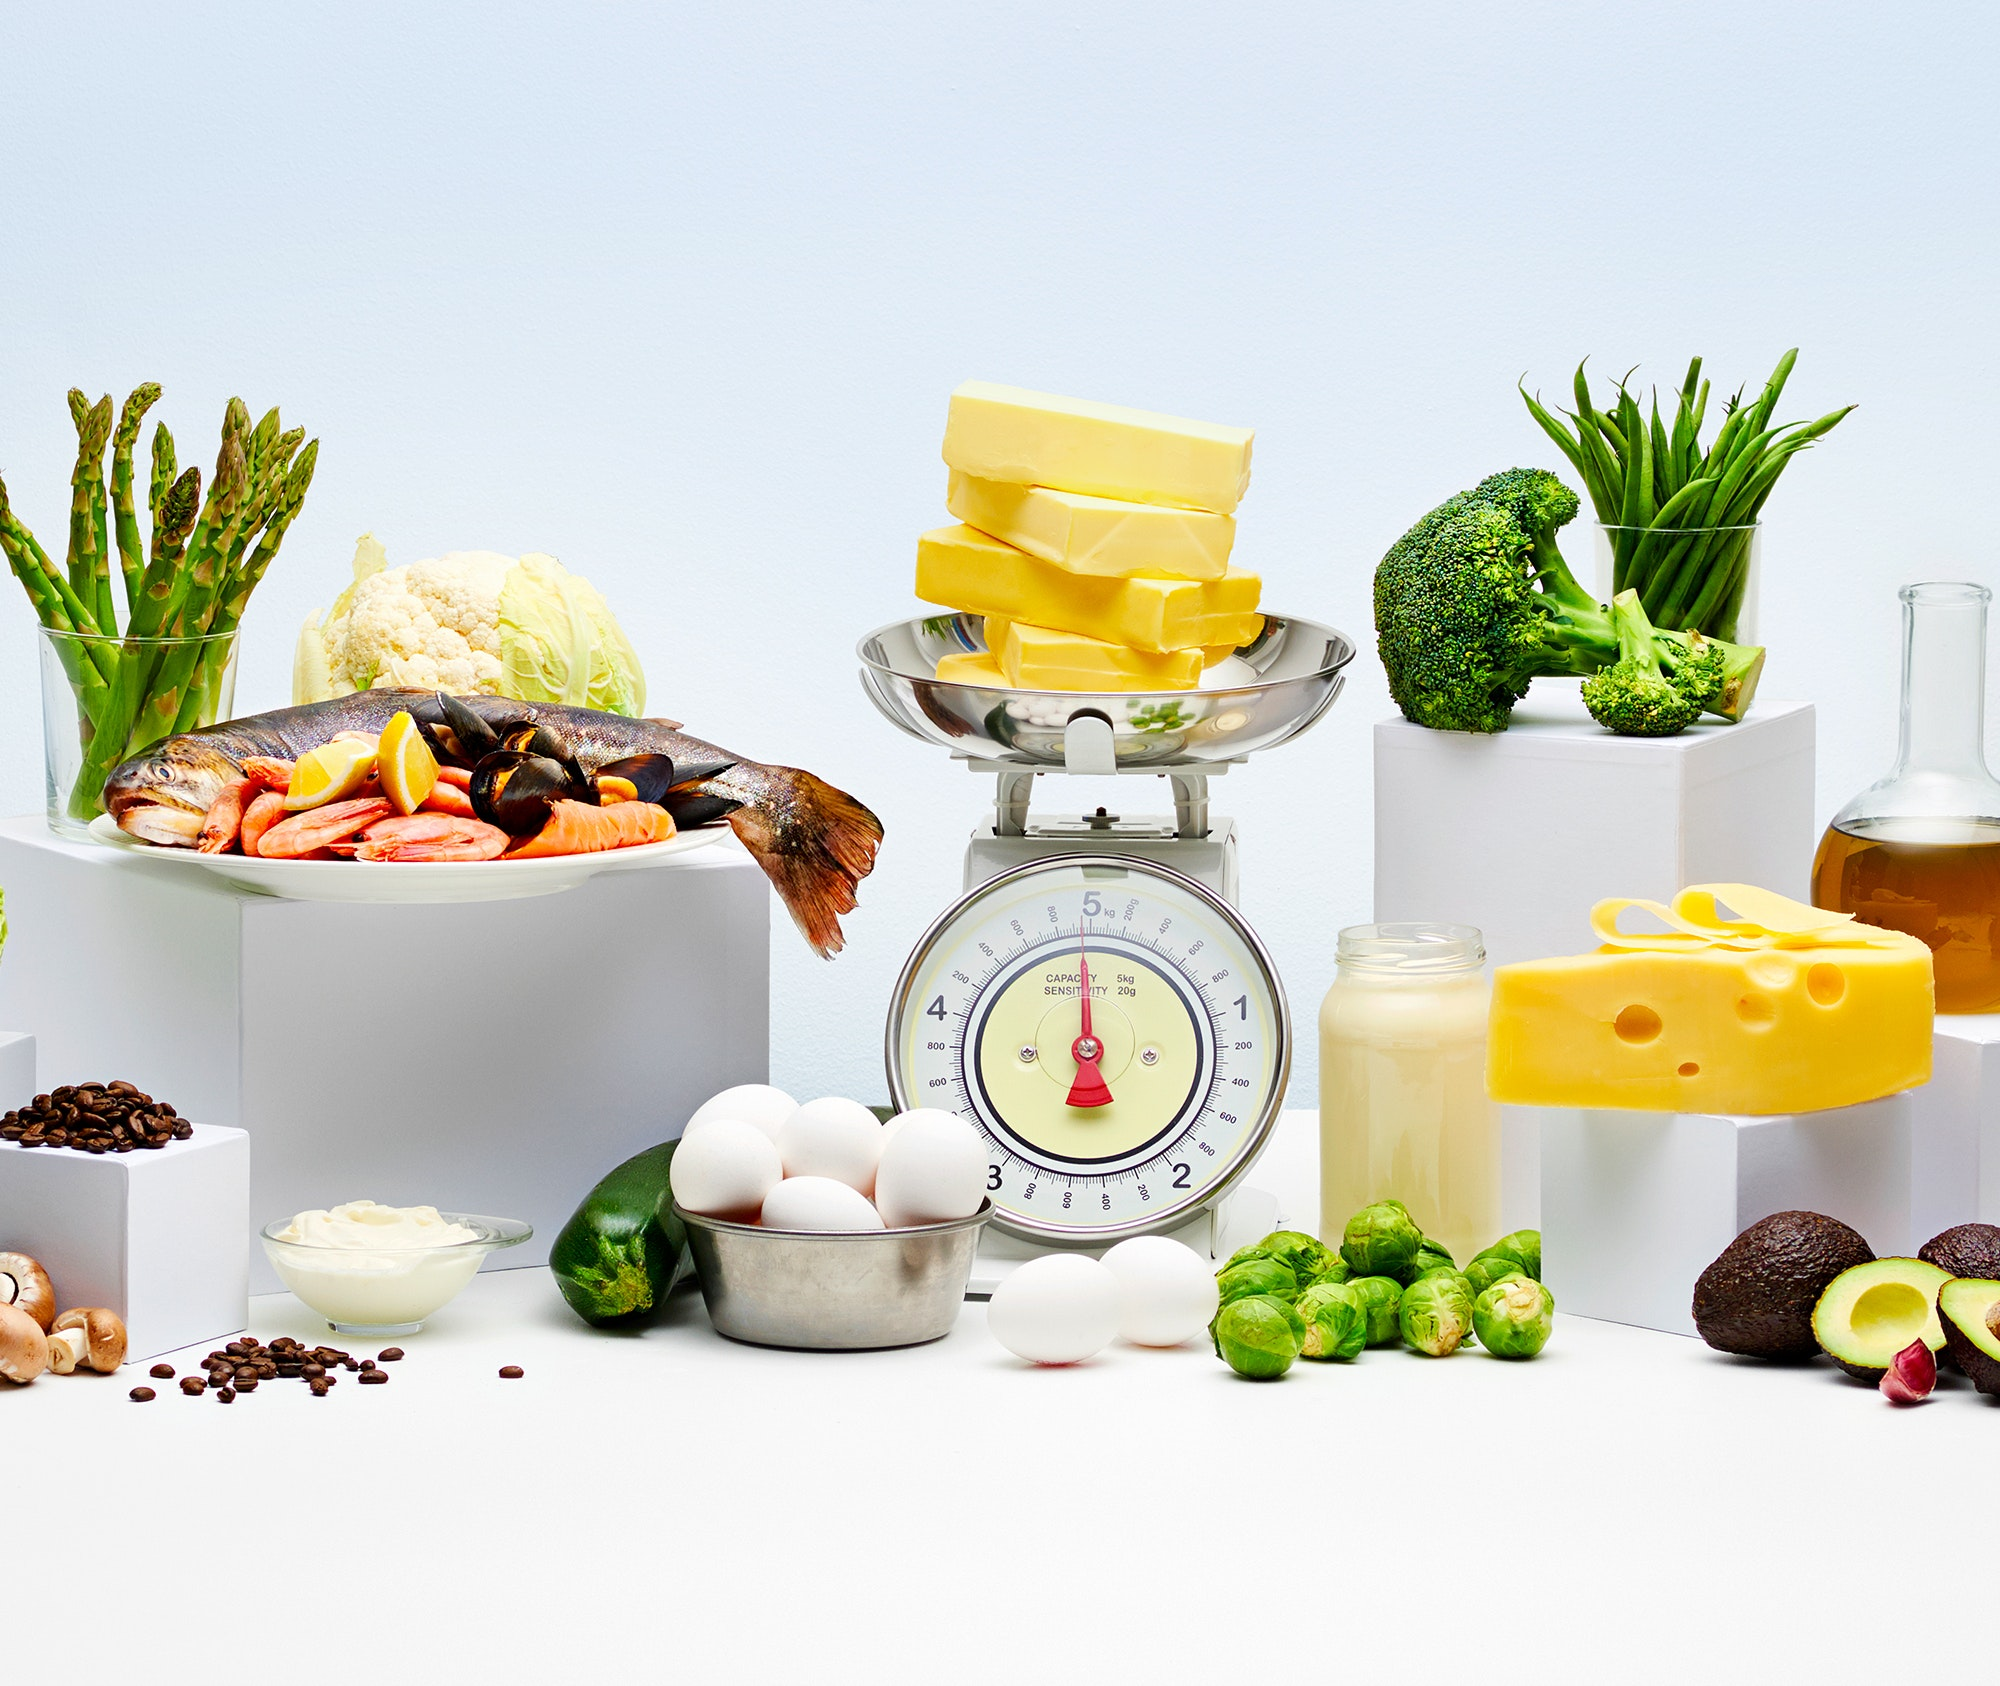 Dieta cetogenica como entrar en cetosis